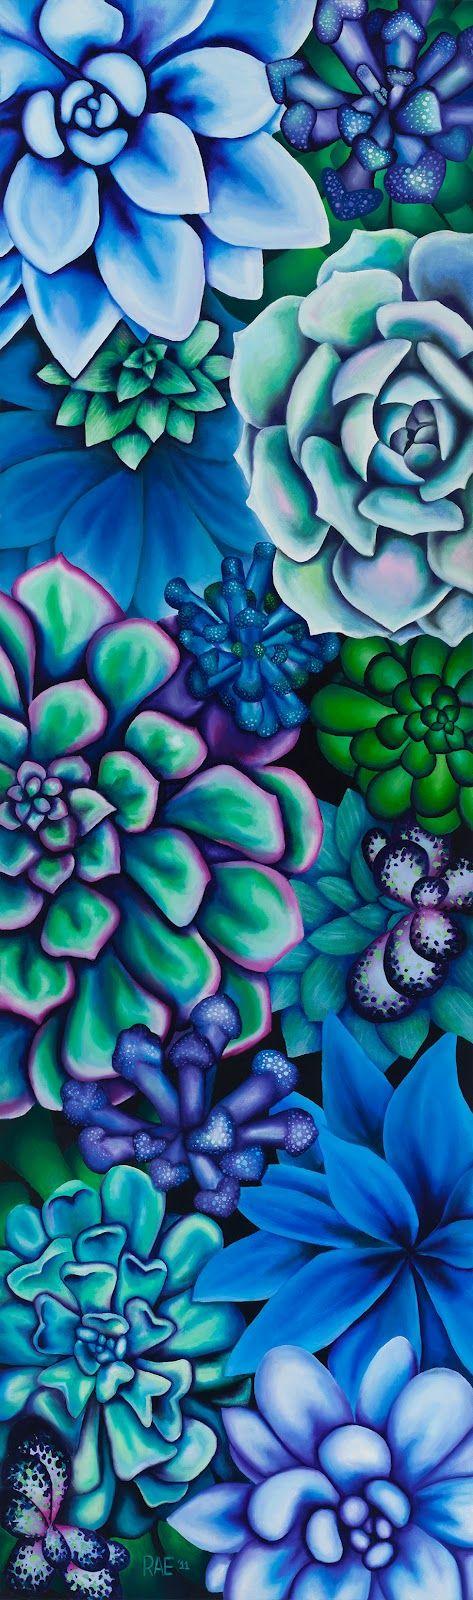 succulent.jpg 473×1,600 pixels